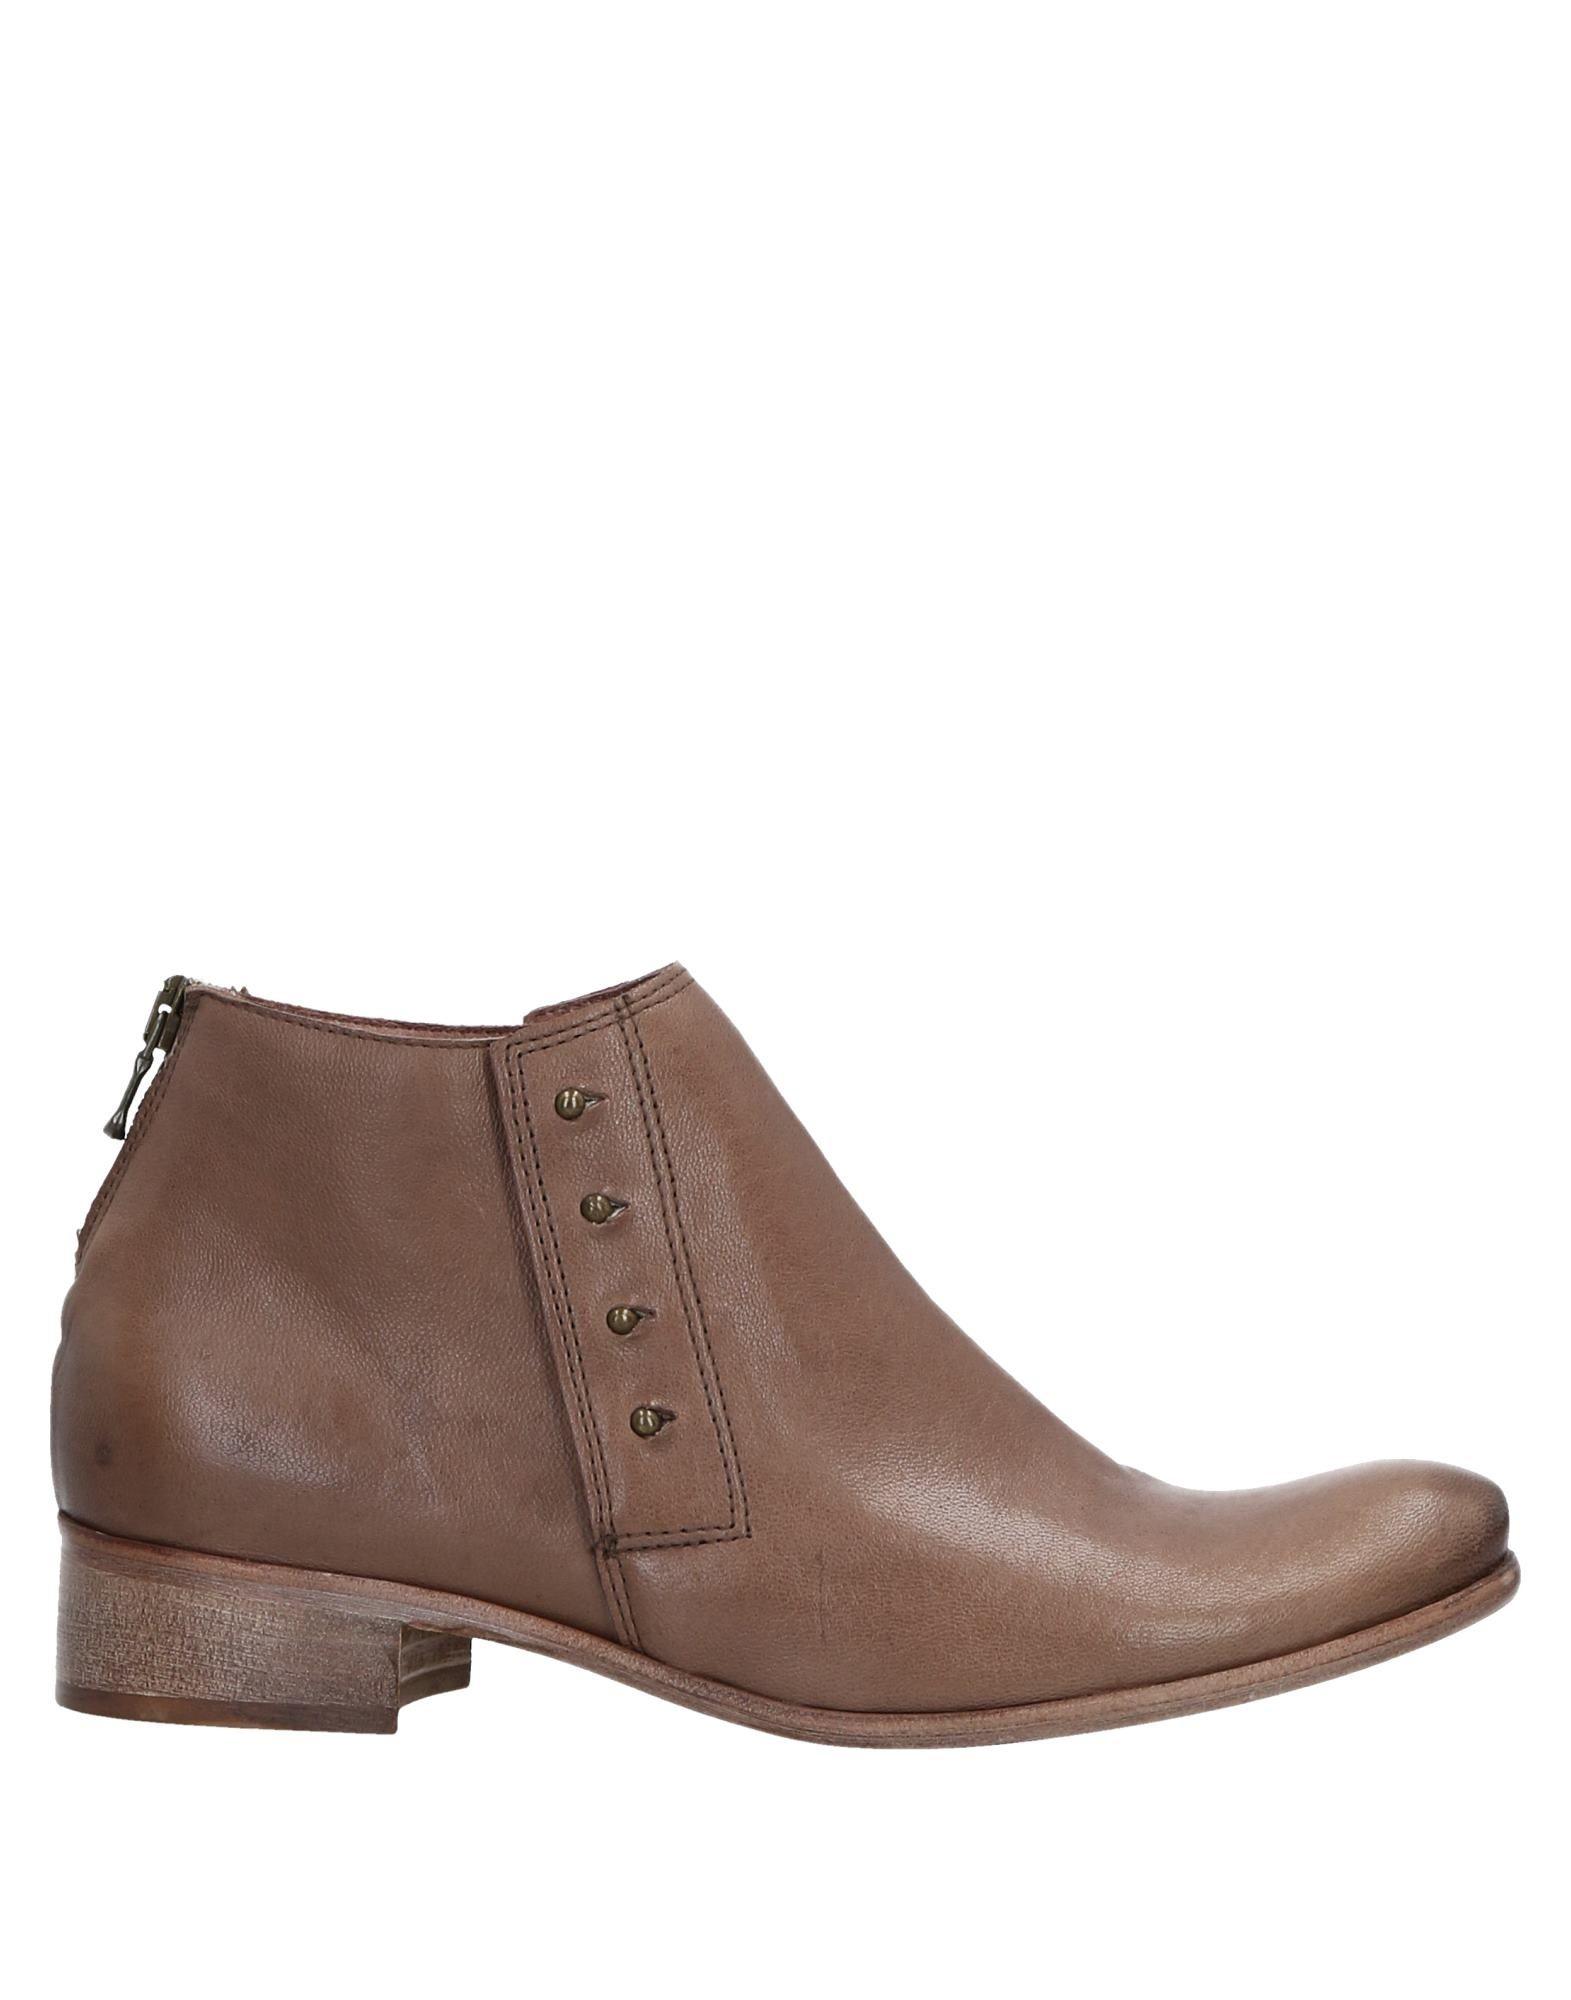 Chiarini Bologna Stiefelette Damen  11517985IL Neue Schuhe